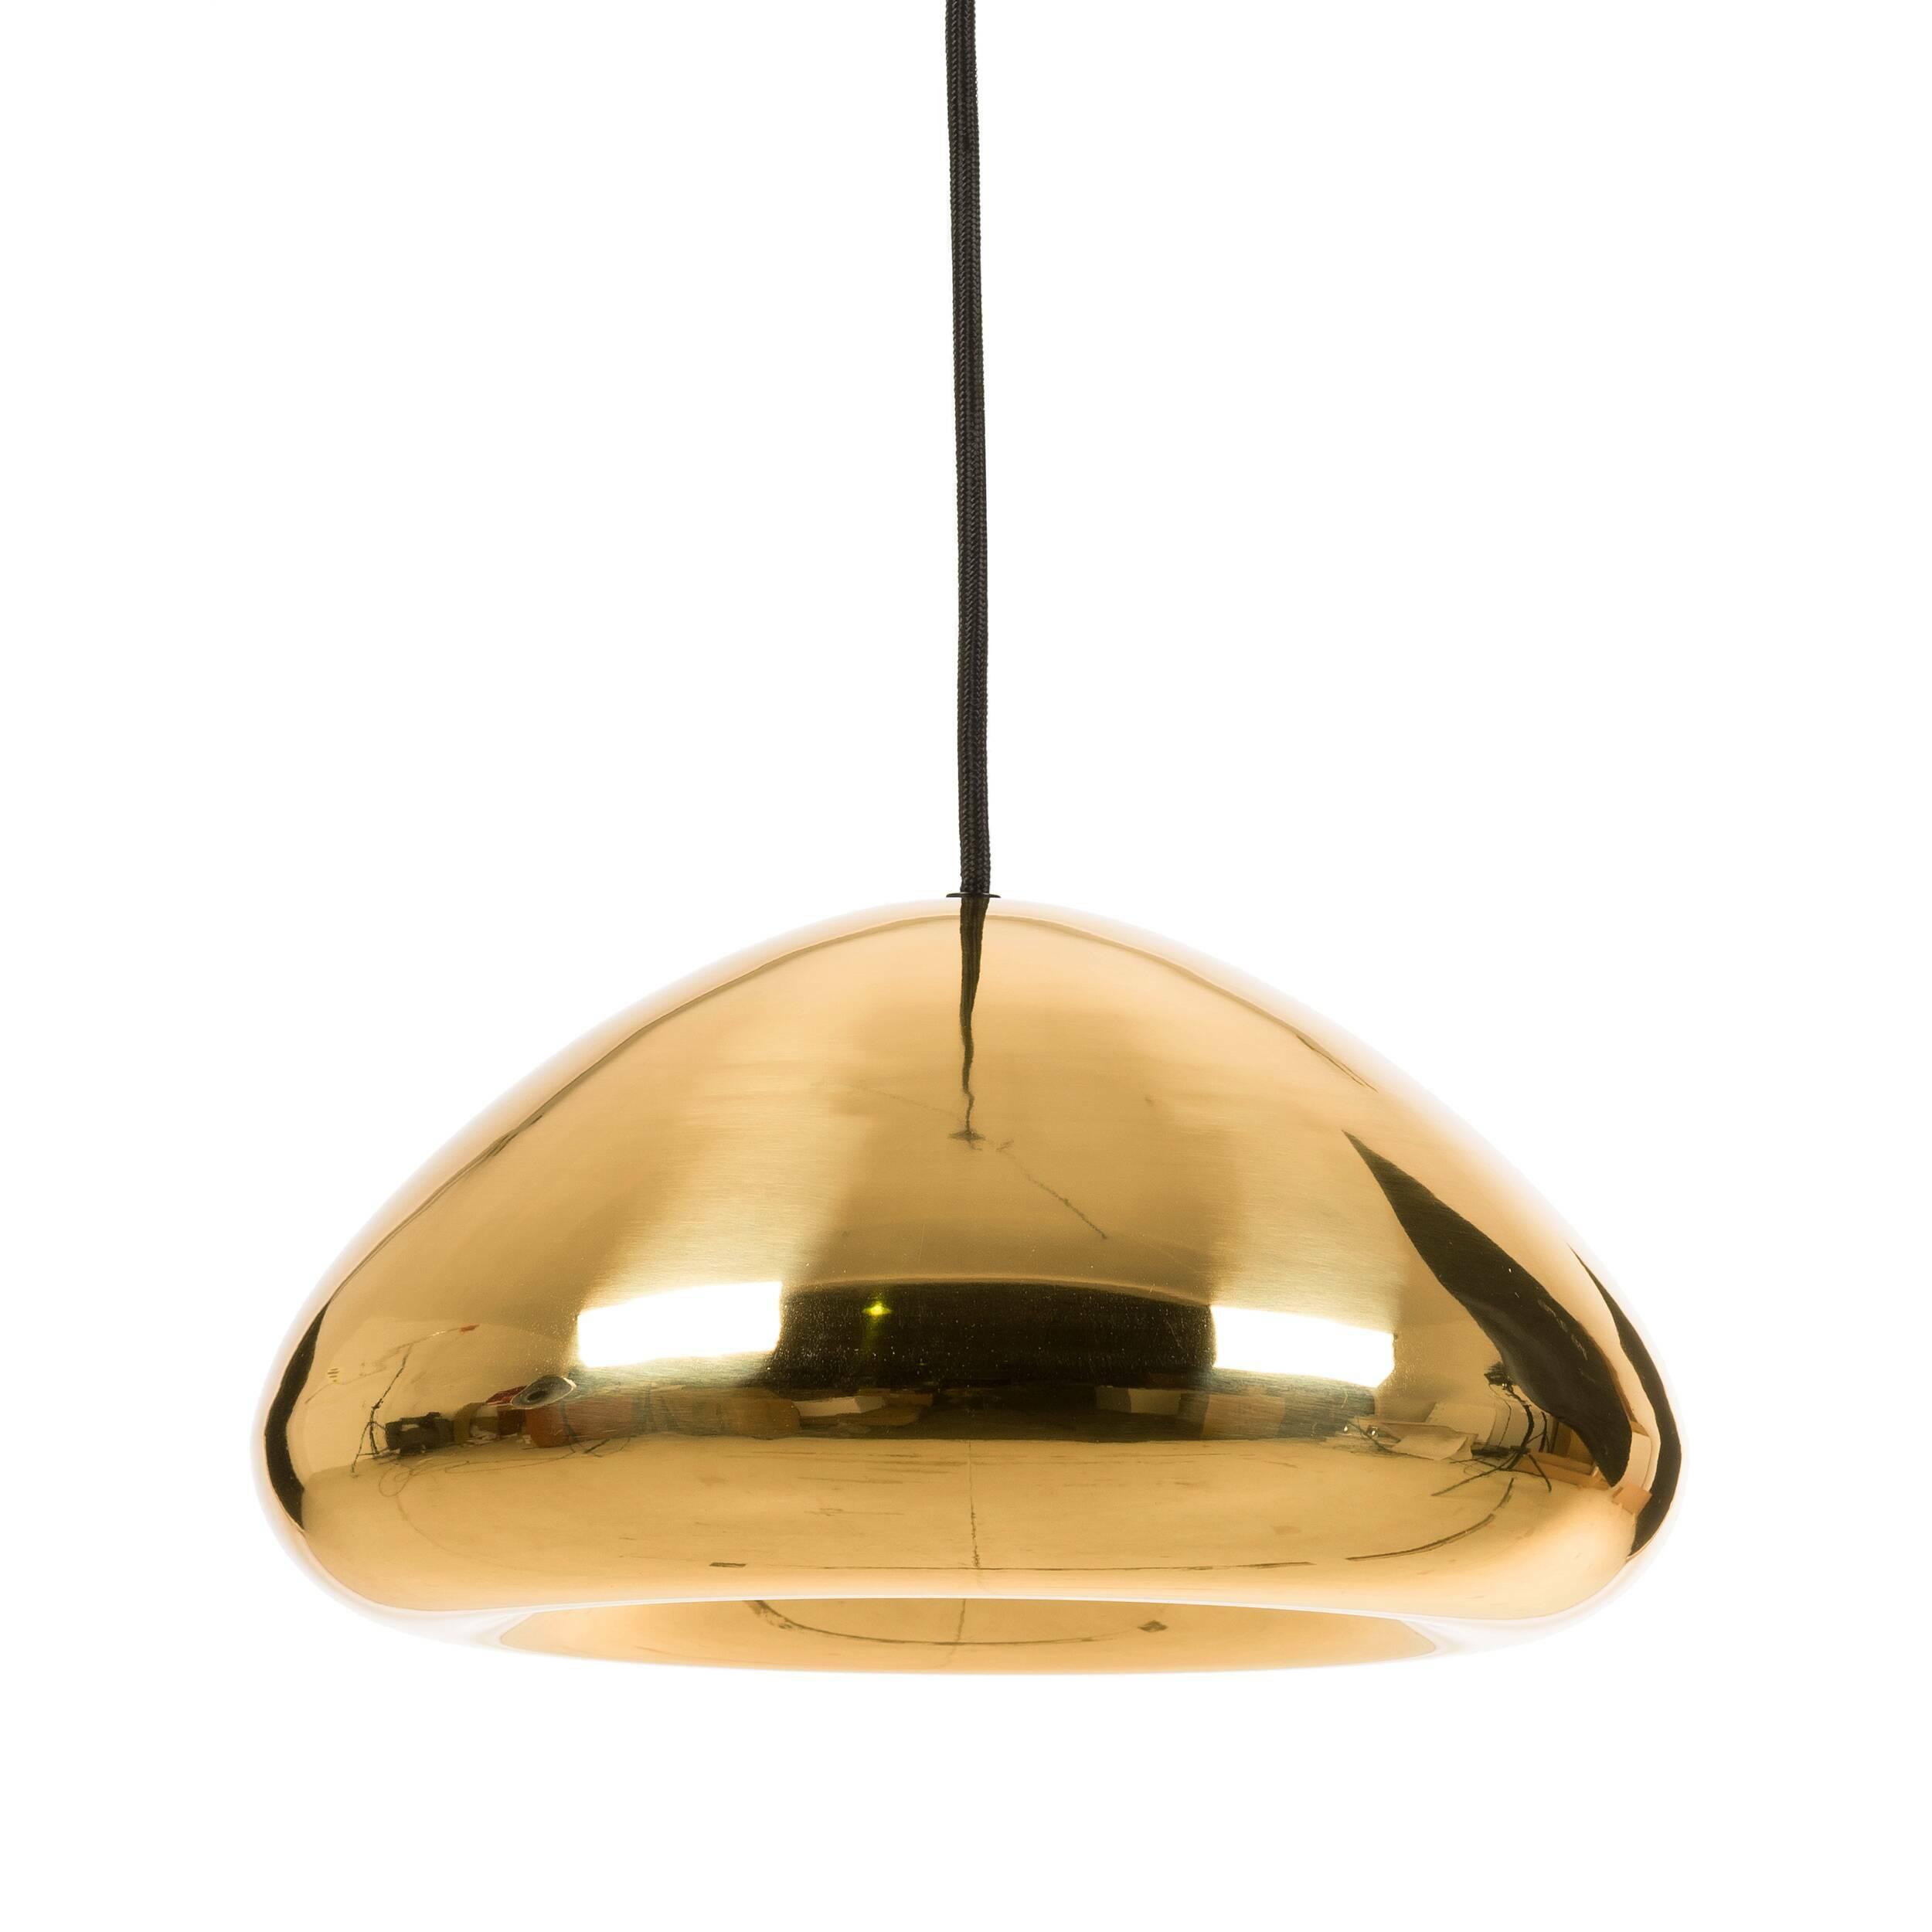 Подвесной светильник Void диаметр 30Подвесные<br>Цветовая палитра светильников Void ассоциируется с цветами олимпийских медалей. Несколько футуристичный дизайн с углублением по центру позволяет концентрировать световой луч в одном фокусе. Форма каждого изделия «лепится» вручную полностью из металла. На завершающем этапе поверхности модели придается зеркальный эффект путем тщательной полировки, после которой наносится специальный лак для достижения максимального глянца.<br><br><br> Подвесной светильник Void диаметр 30 отлично подходит для испо...<br><br>stock: 41<br>Высота: 180<br>Диаметр: 30<br>Количество ламп: 1<br>Материал абажура: Алюминий<br>Мощность лампы: 40<br>Ламп в комплекте: Нет<br>Напряжение: 220<br>Тип лампы/цоколь: G9 LED<br>Цвет абажура: Медный